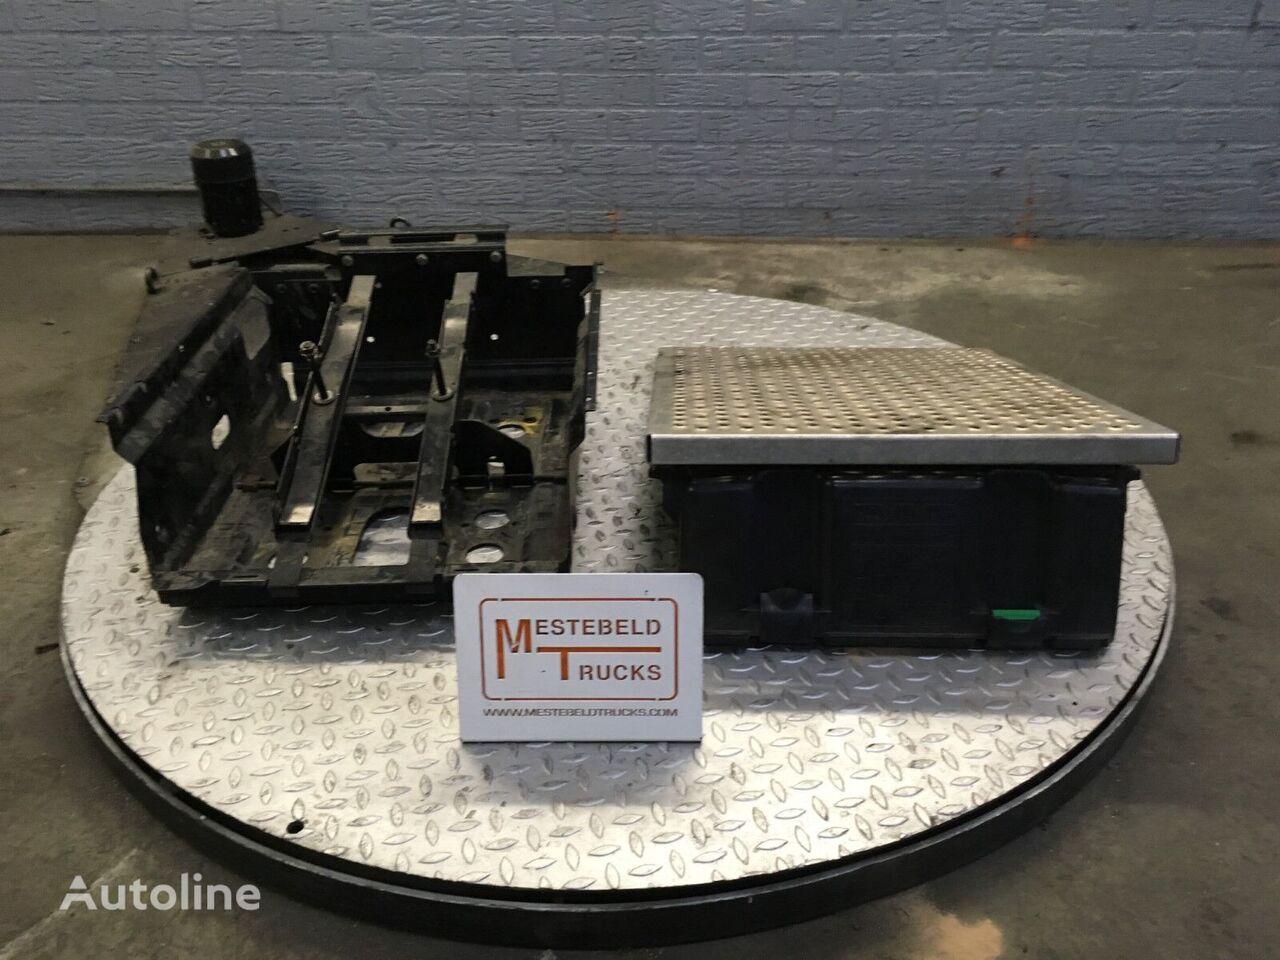 DAF Accubak battery box for DAF XF 105 truck